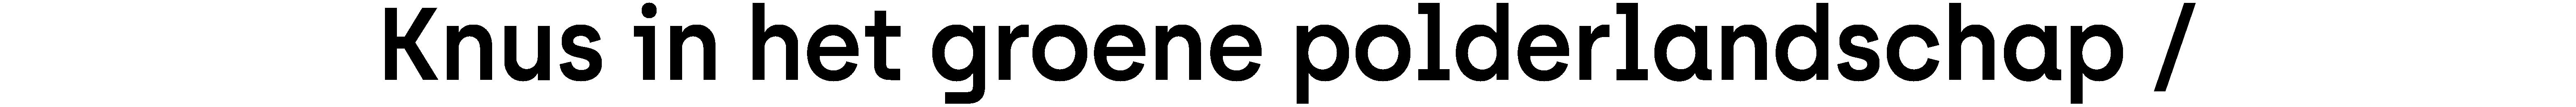 9eb64800-3f9f-11eb-9457-f739617f082c.png